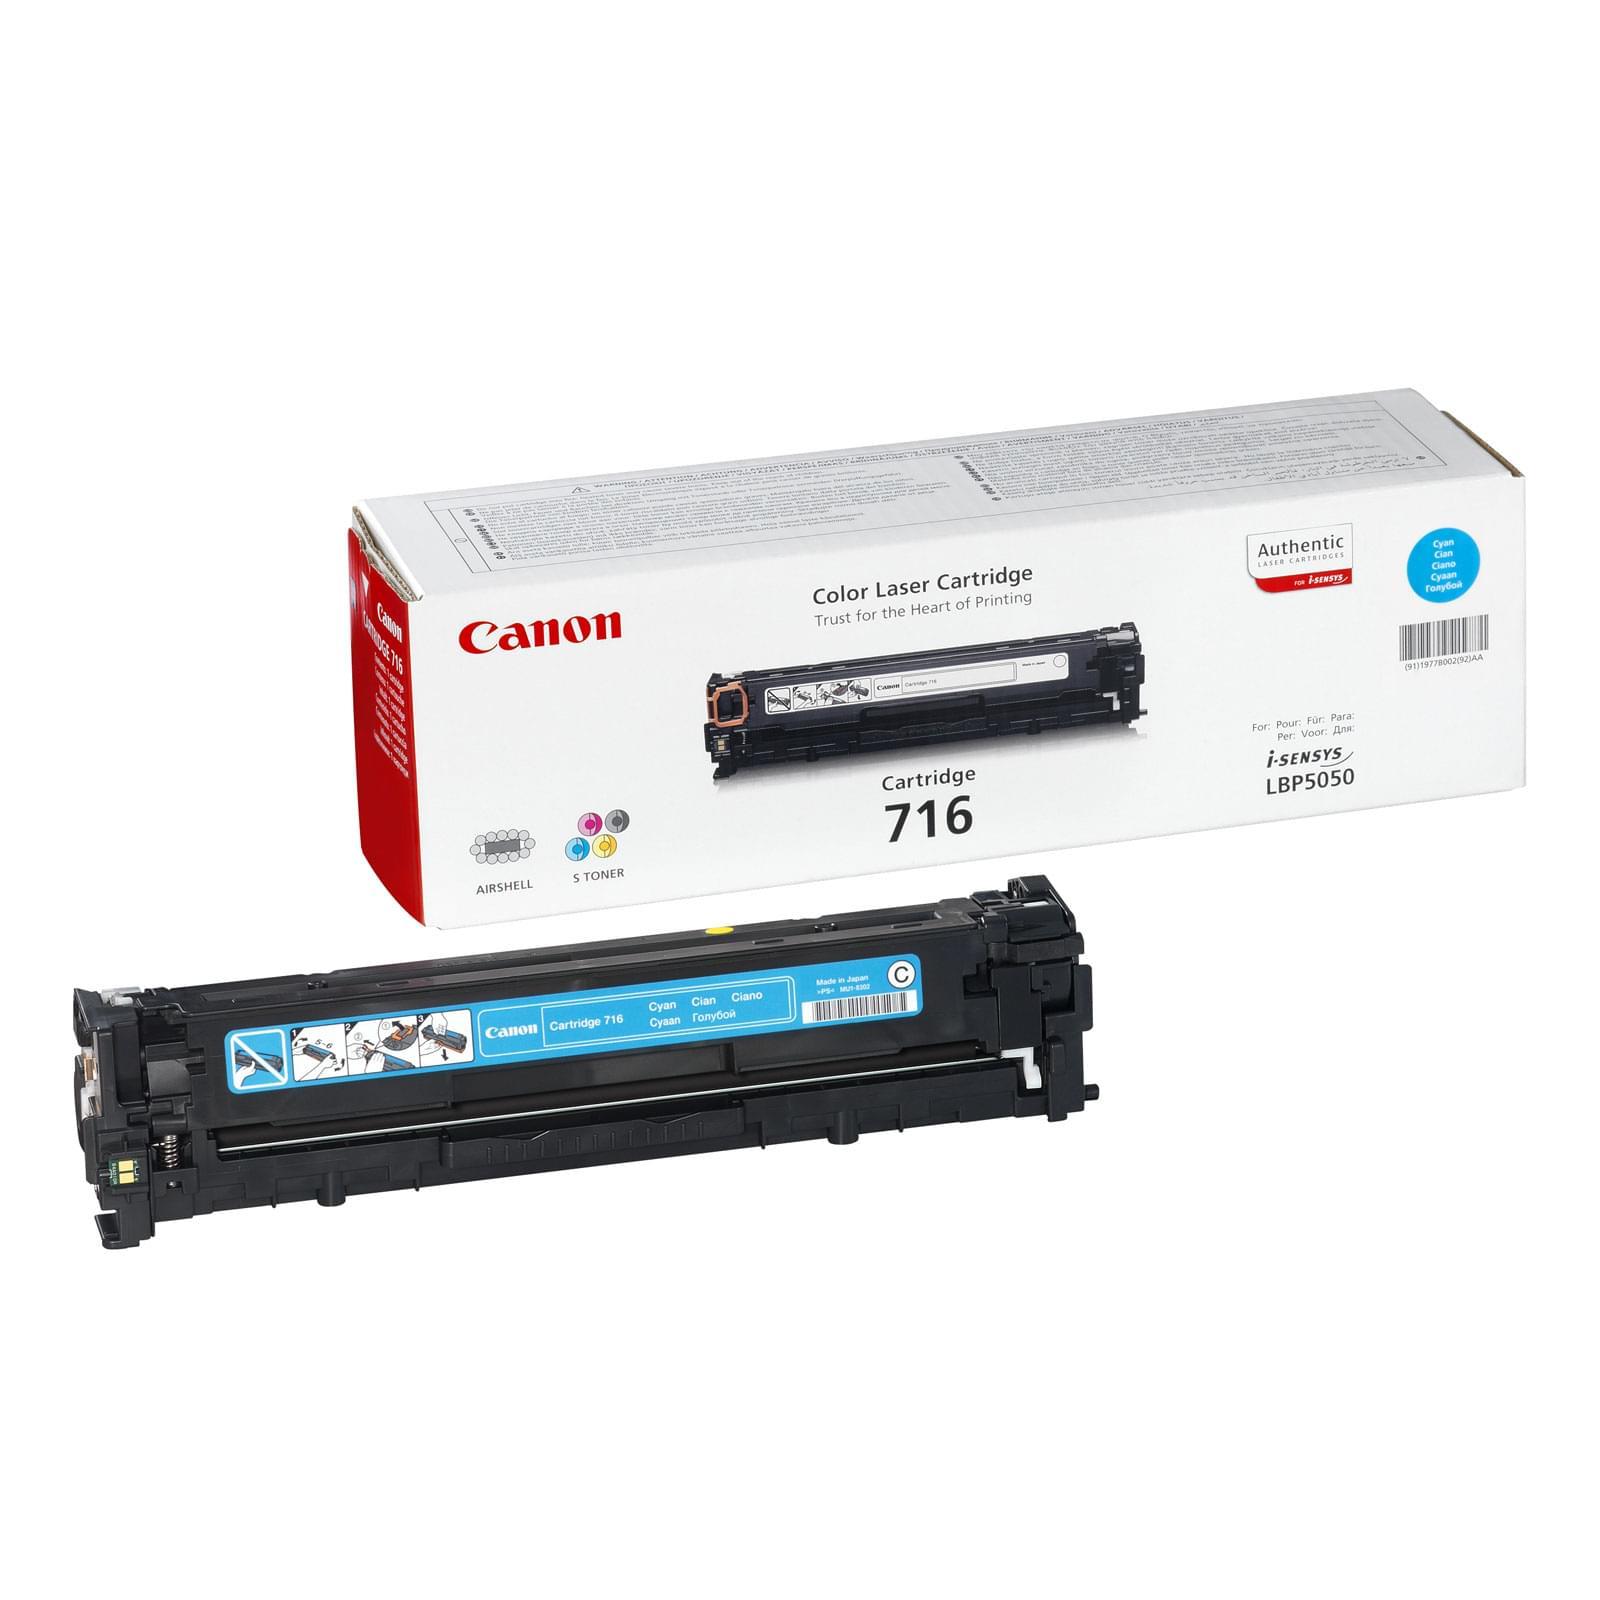 Canon Toner CRG 716 Cyan (1979B002) - Achat / Vente Consommable Imprimante sur Cybertek.fr - 0